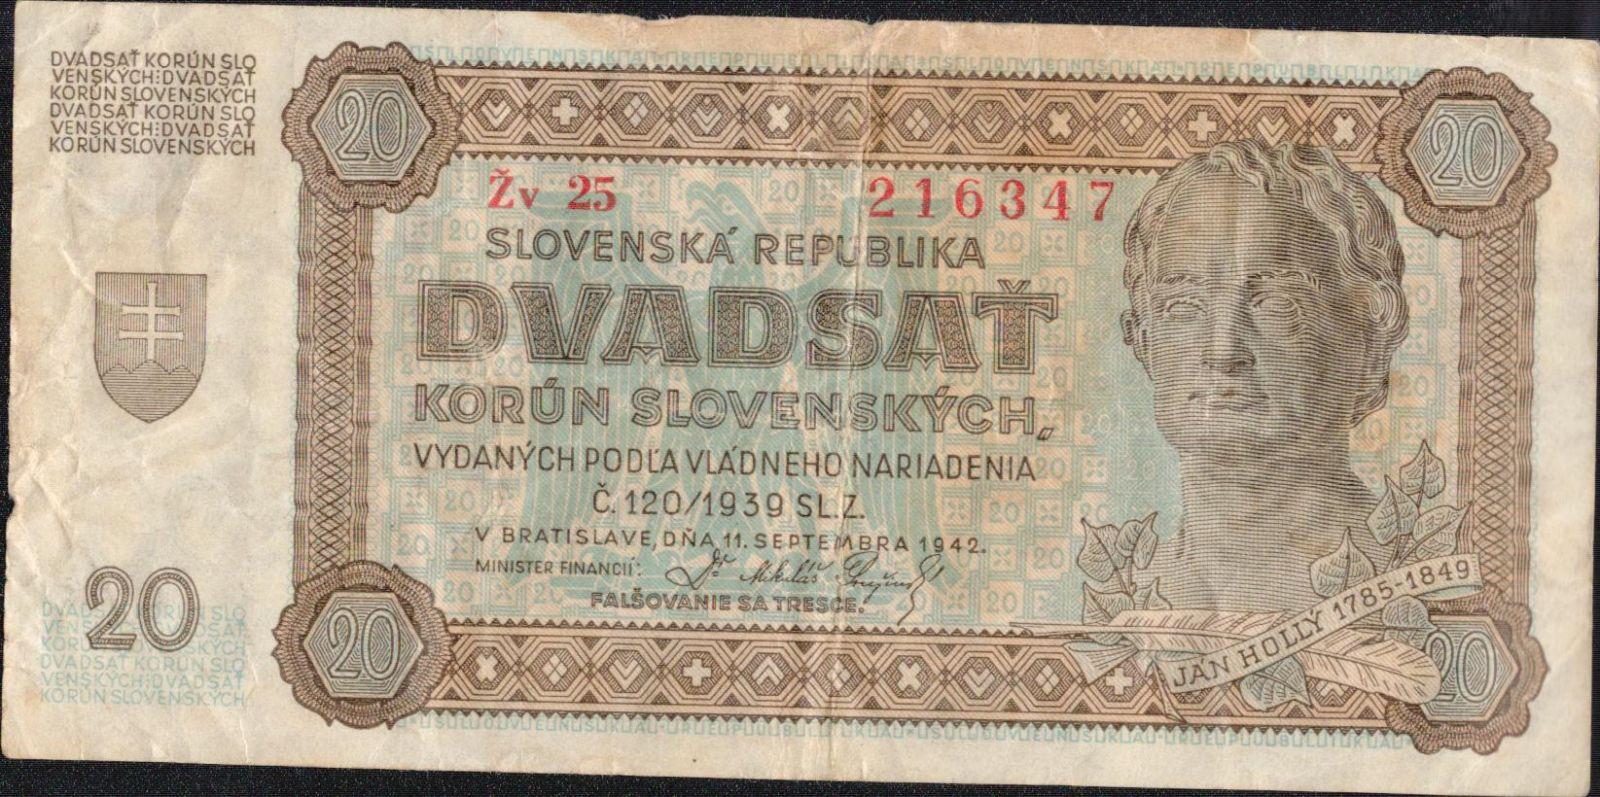 20Ks/1942/, stav 4, série Žv 25